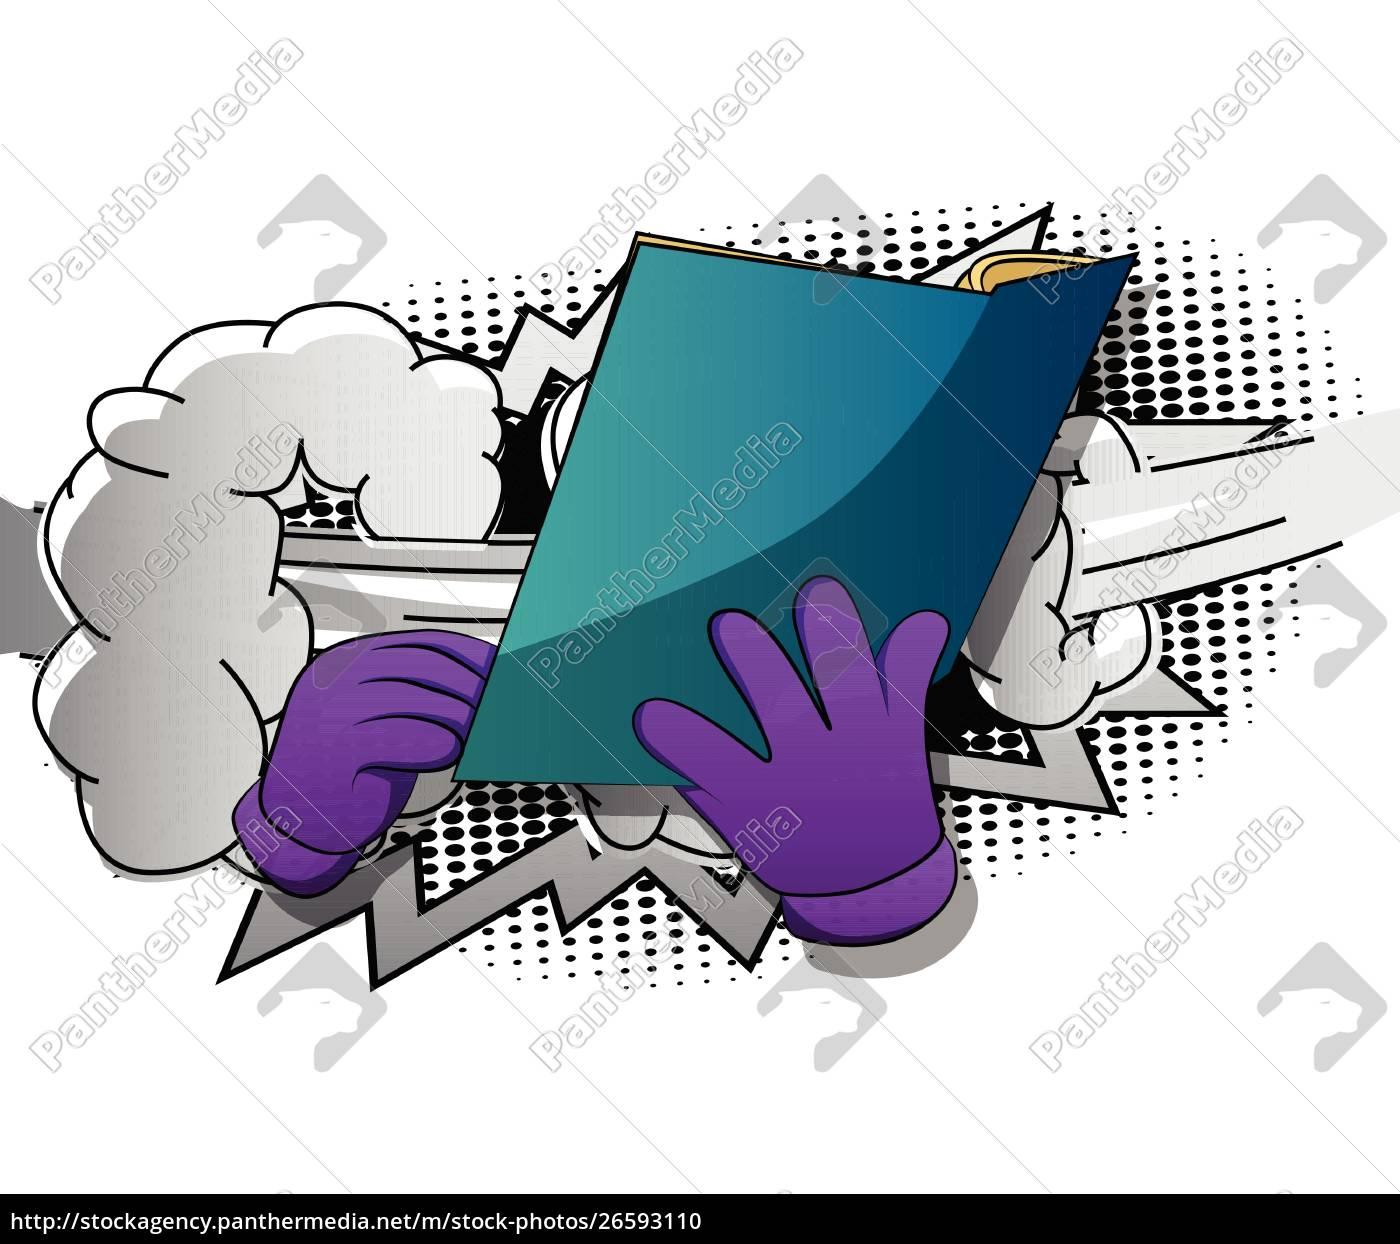 cartoon, hand, holding, a, book. - 26593110